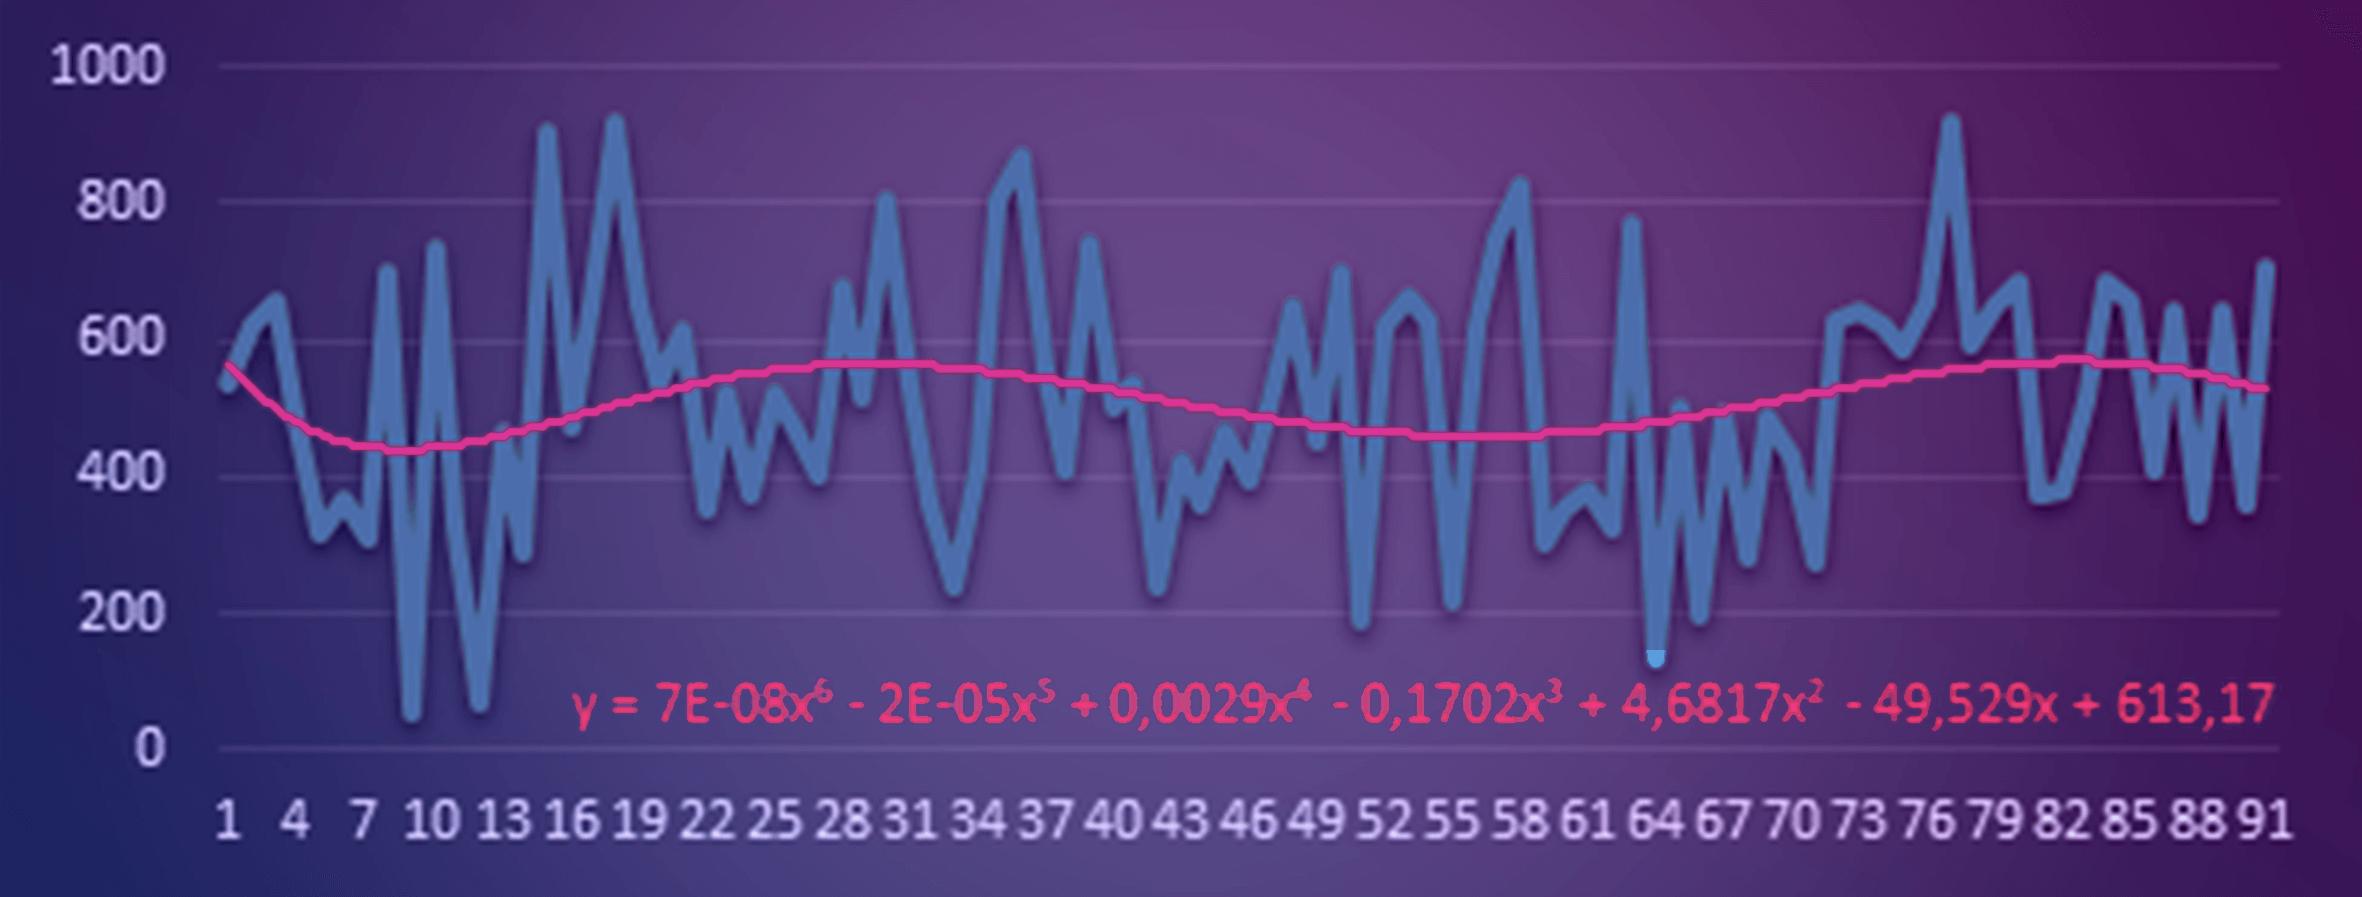 Regresja wielomianowa w Microsoft Excel